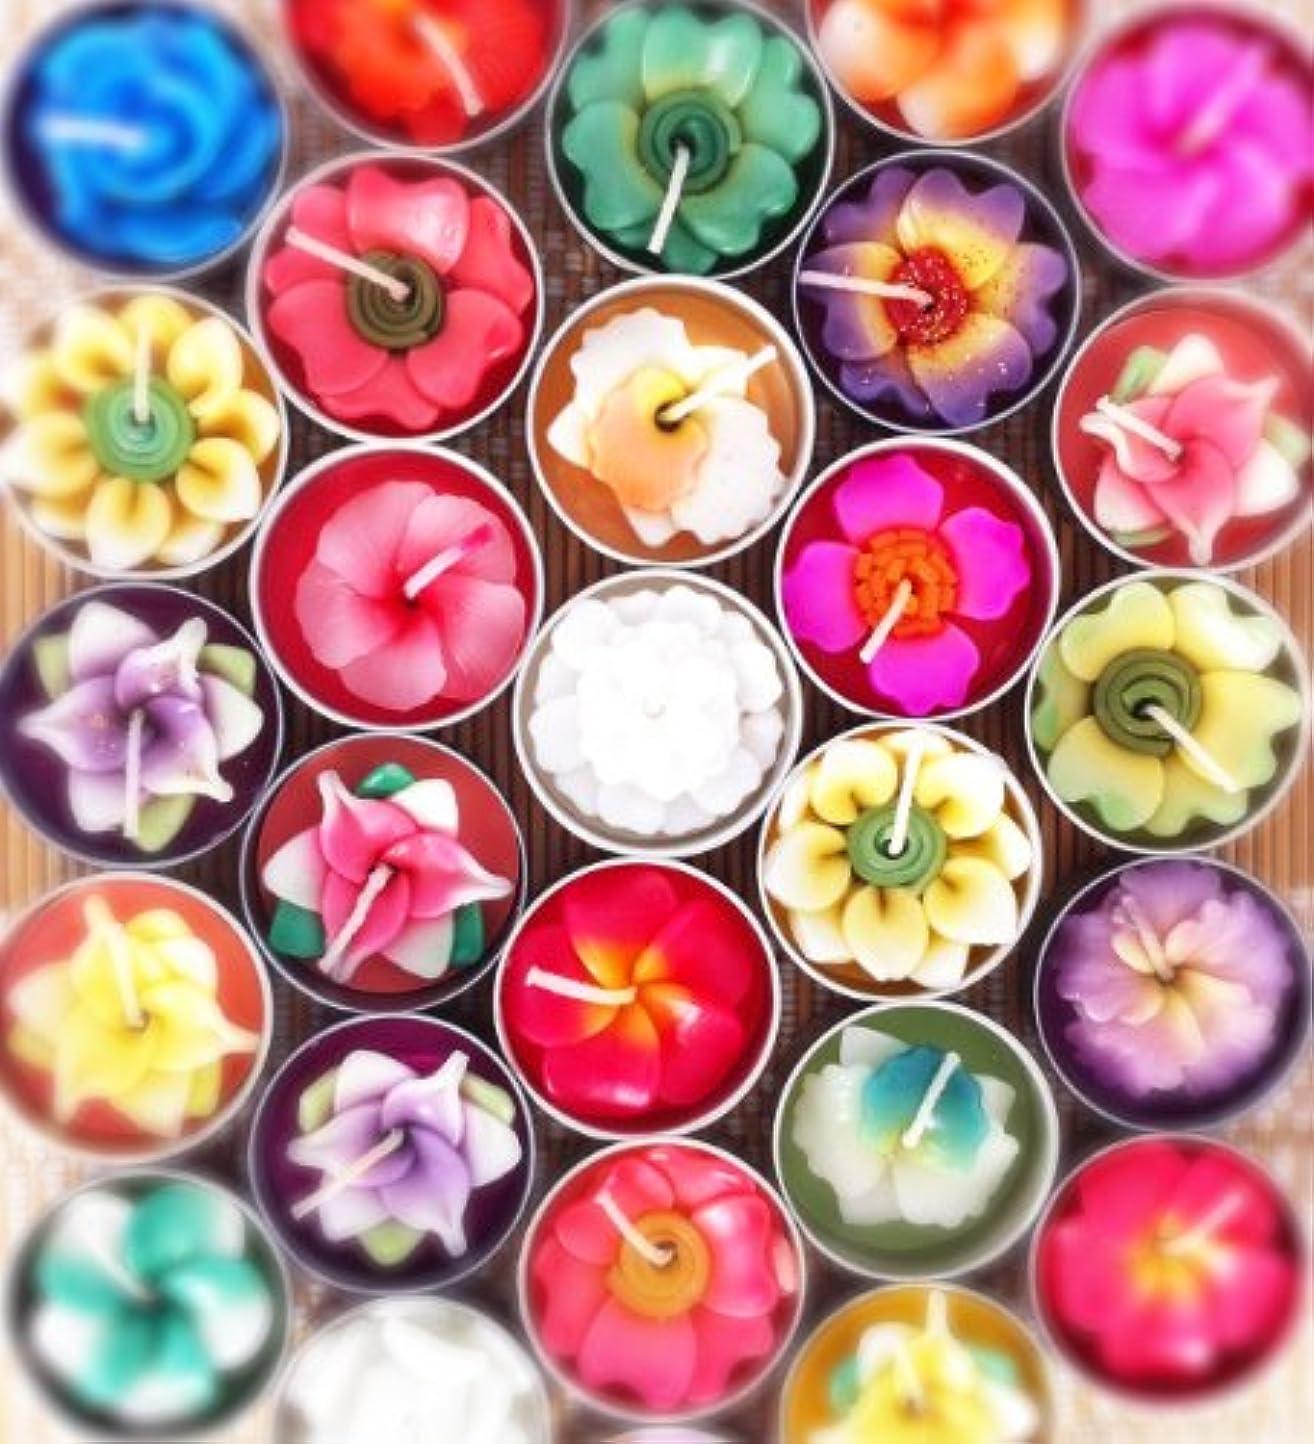 ダーツ何もない翻訳するTiddin Design【キャンドル】フラワーキャンドル/ティーライトキャンドル/ろうそく/花の香り/Flower Candle (10個入りお徳用パック)